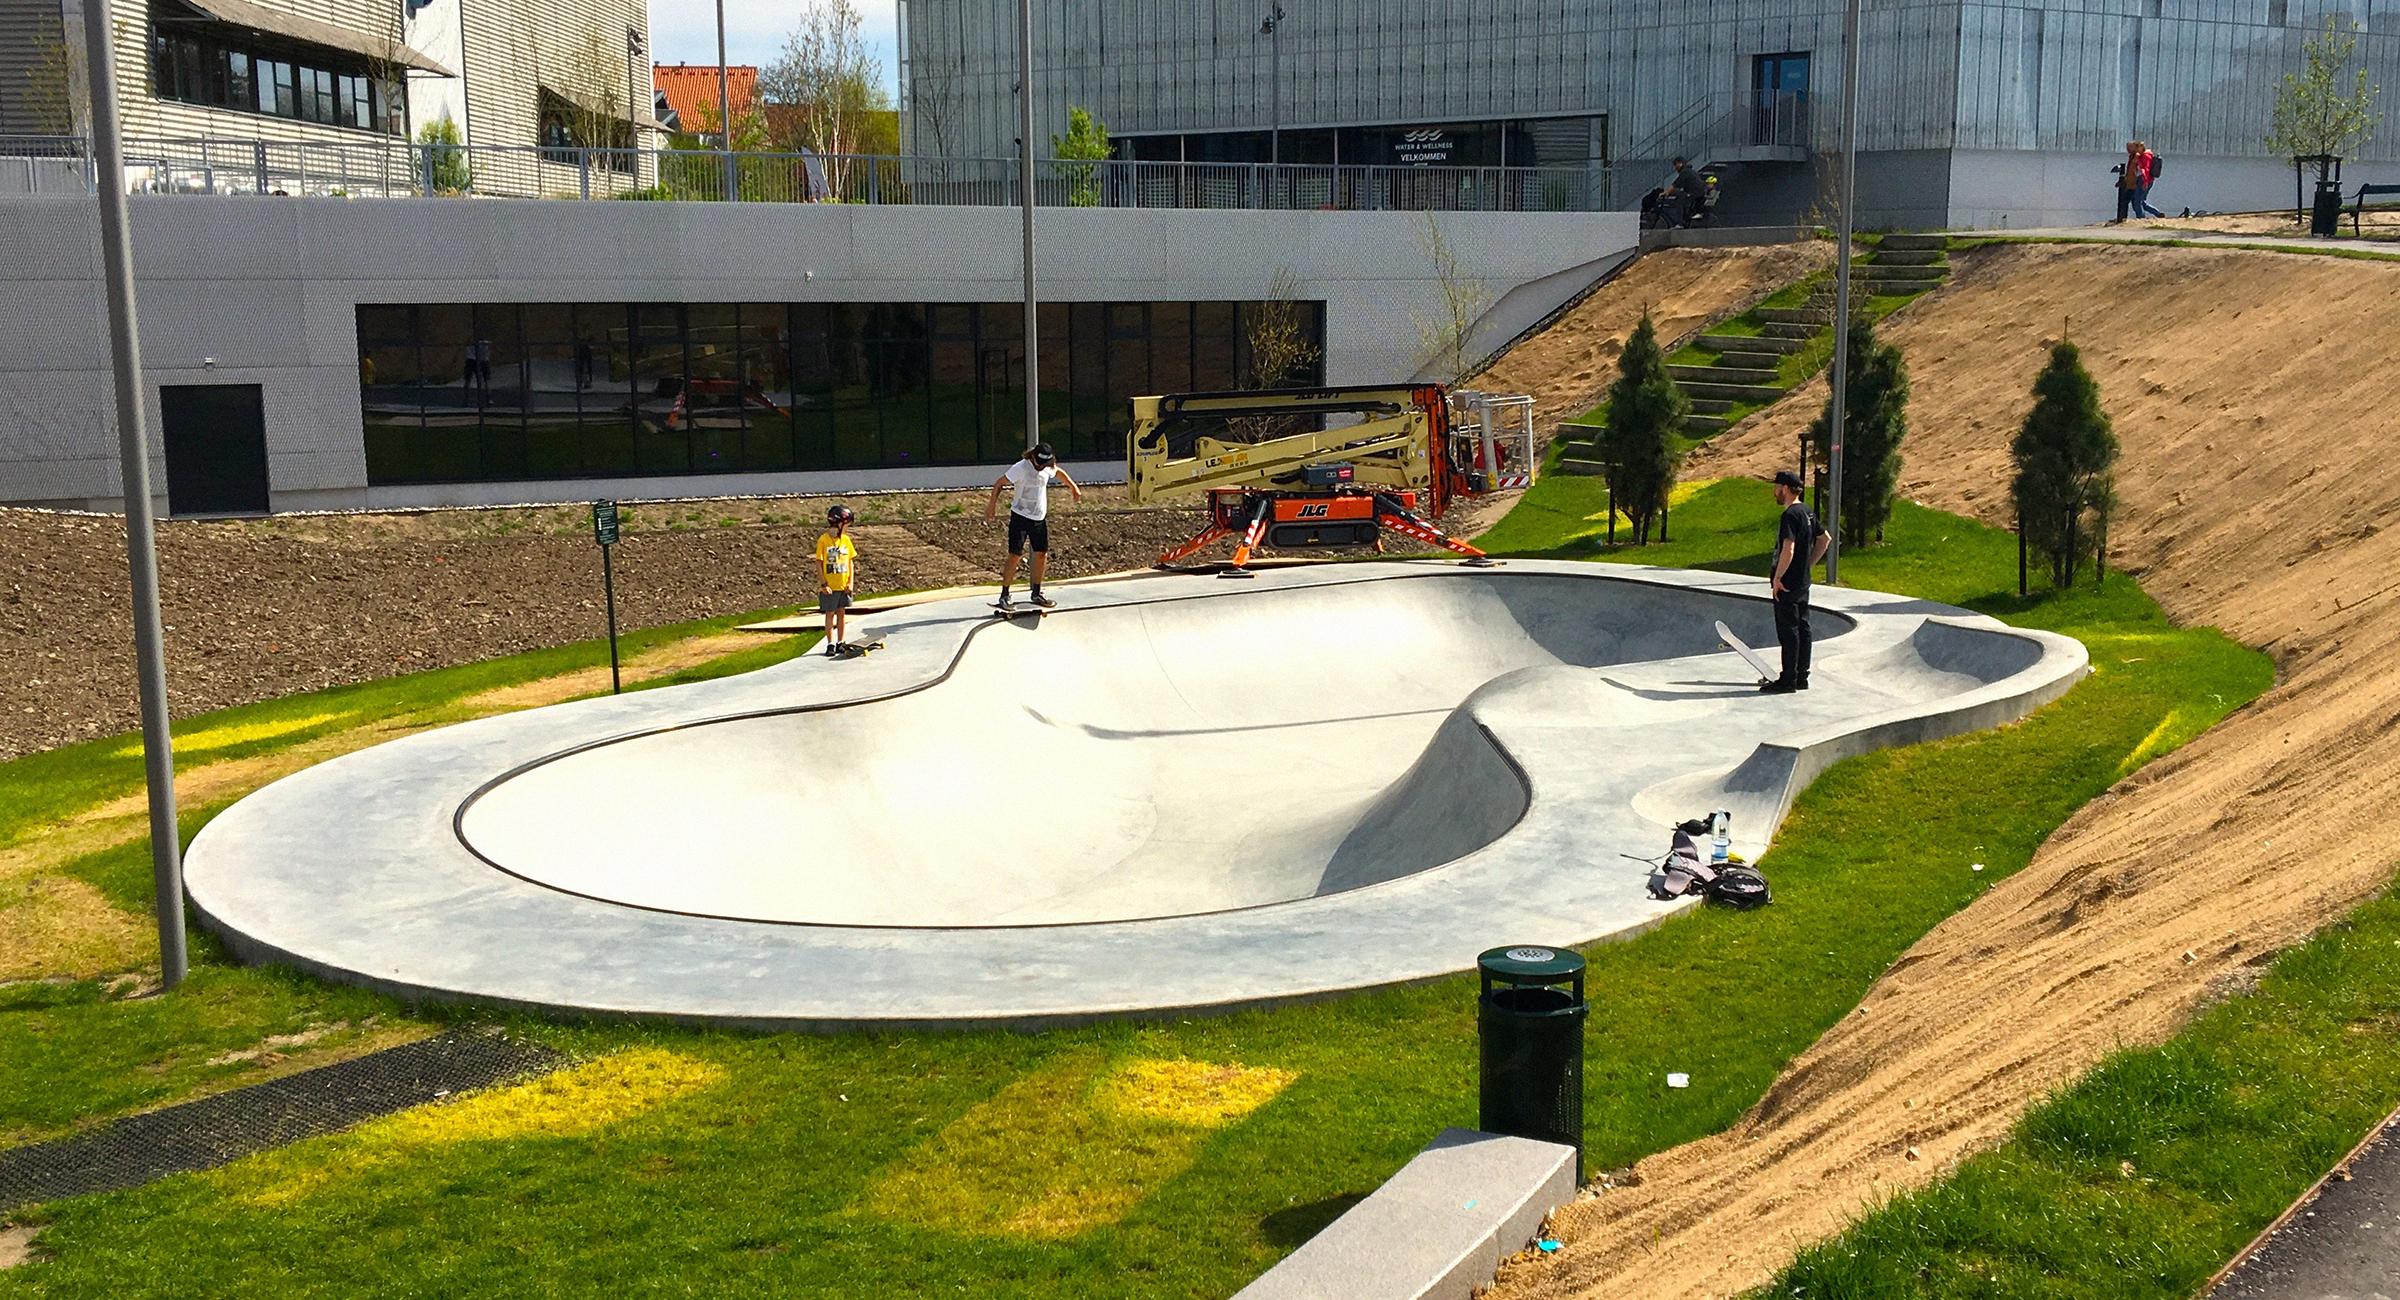 En arkitekttegnet bowl i beton bliver skatet af tre unge mænd